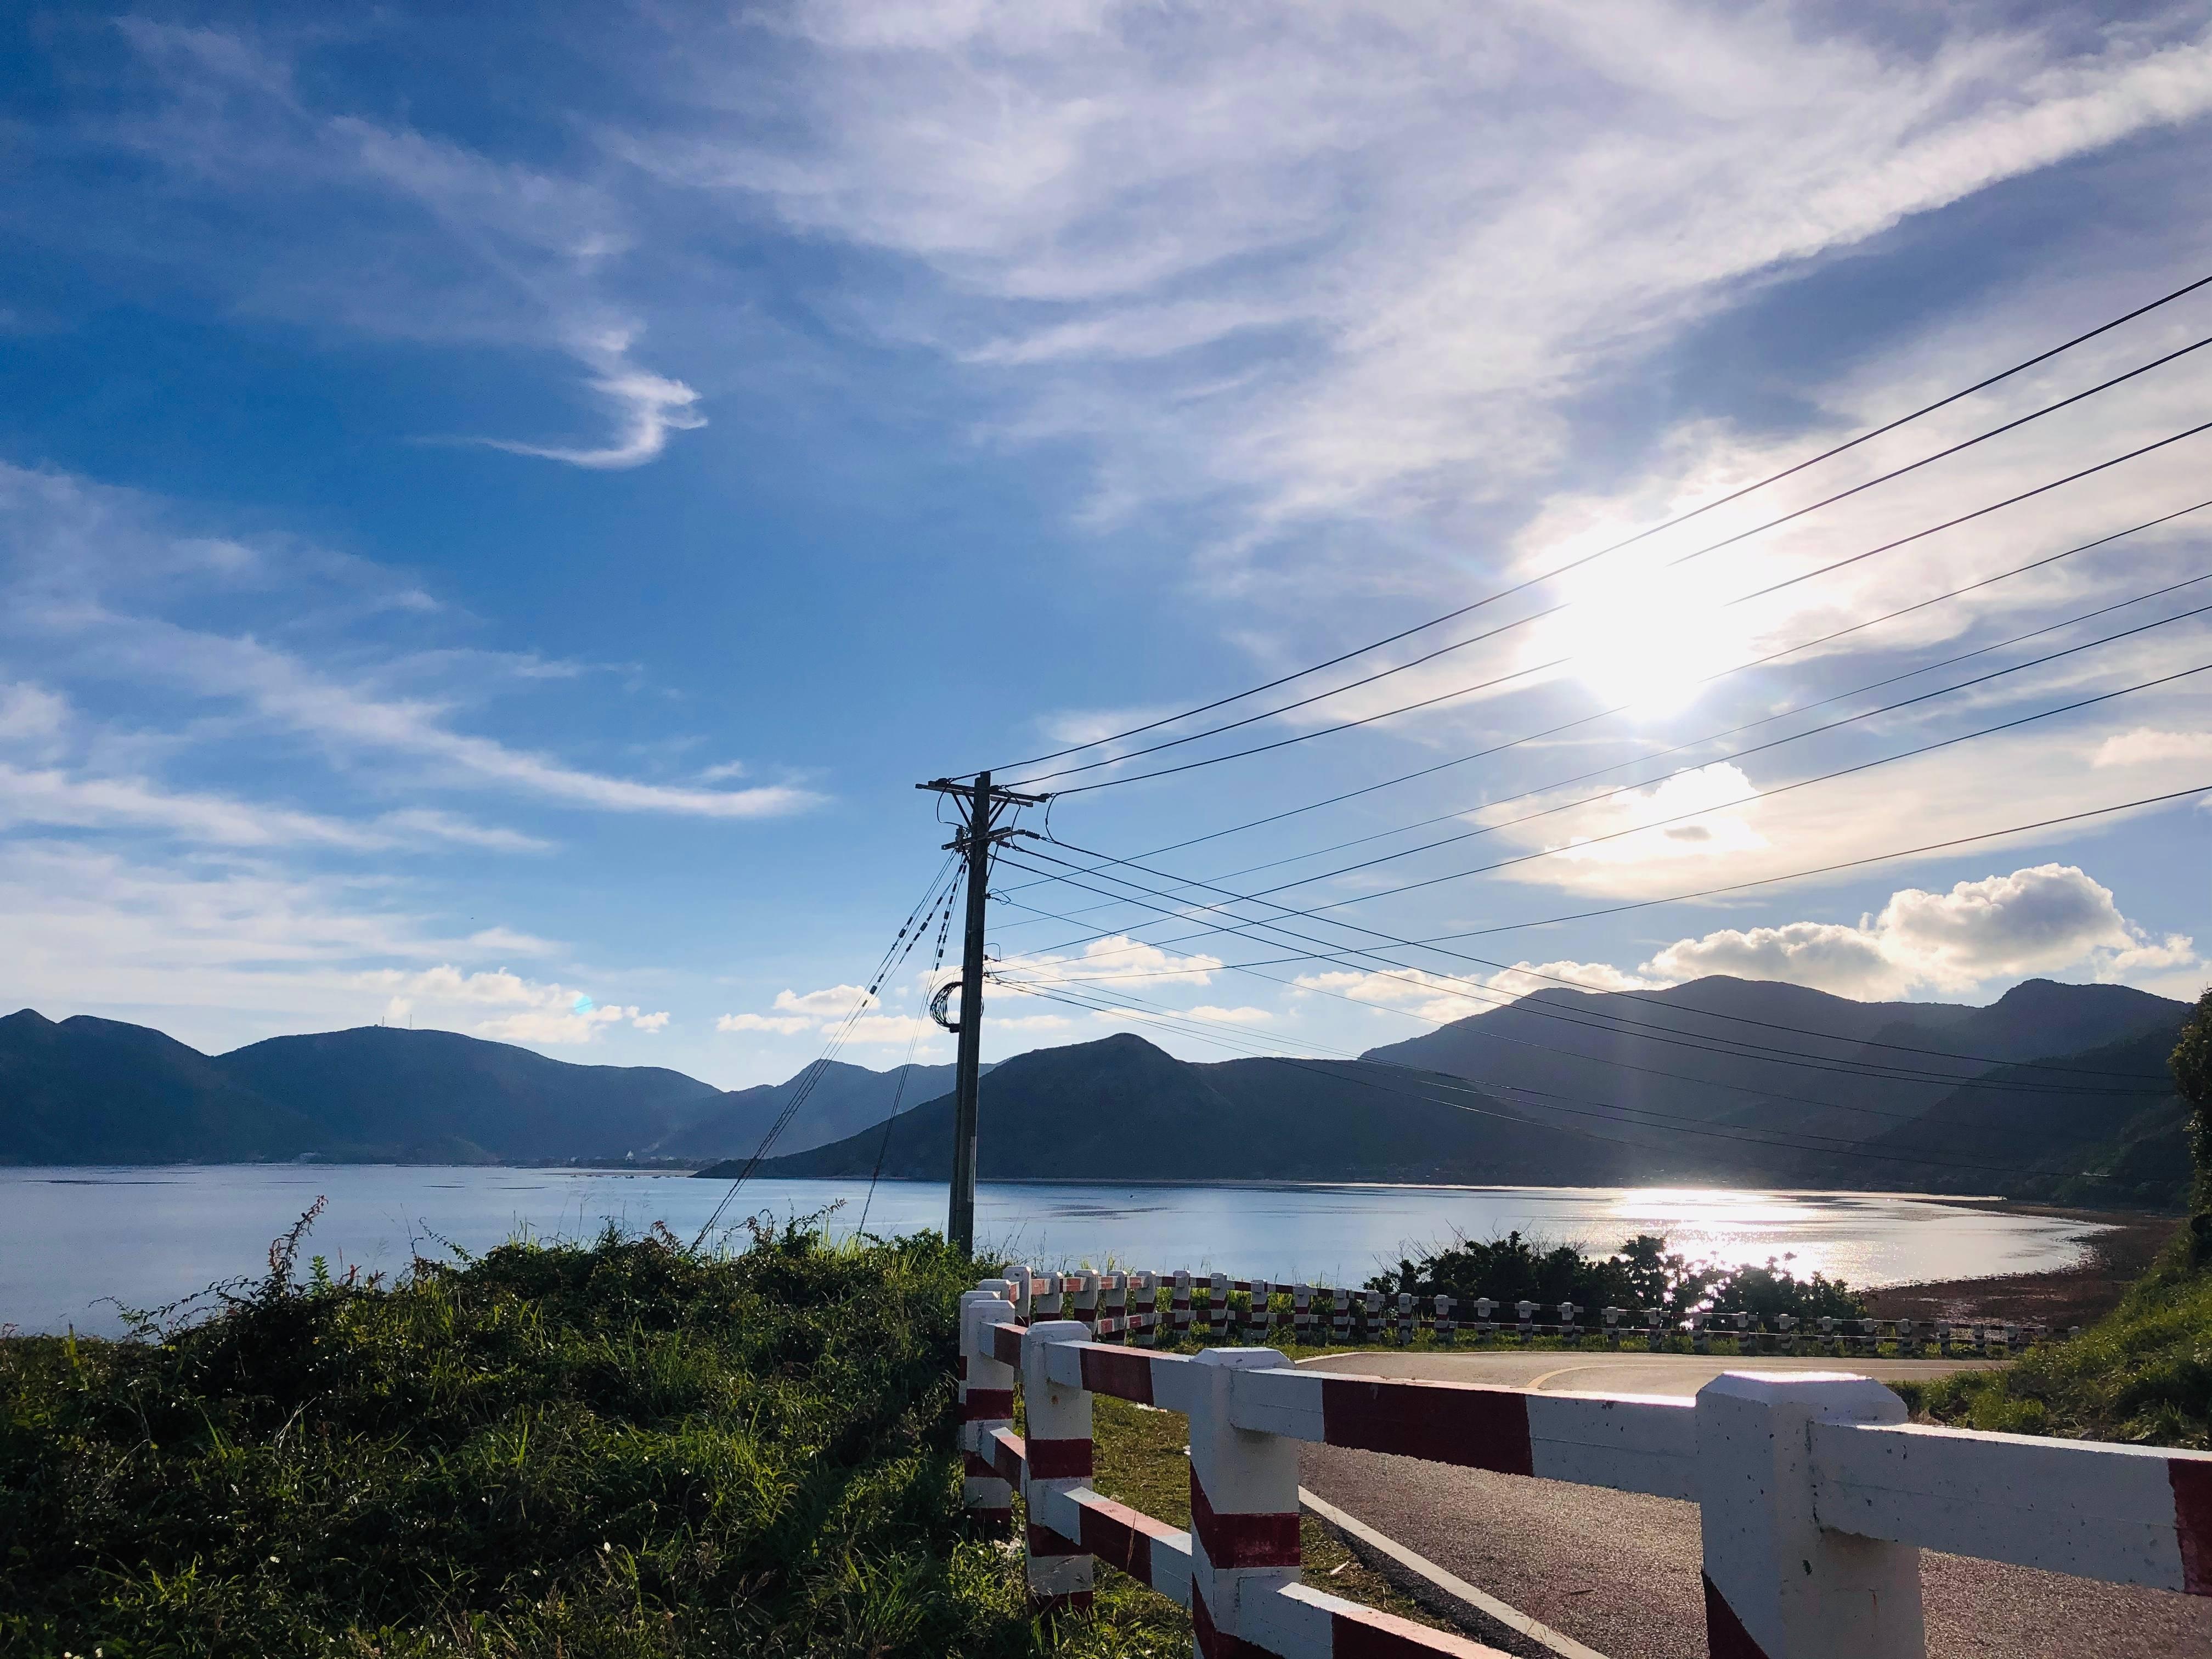 Điểm danh 15 địa điểm siêu đẹp ở Côn Đảo lên hình cực ảo - 22